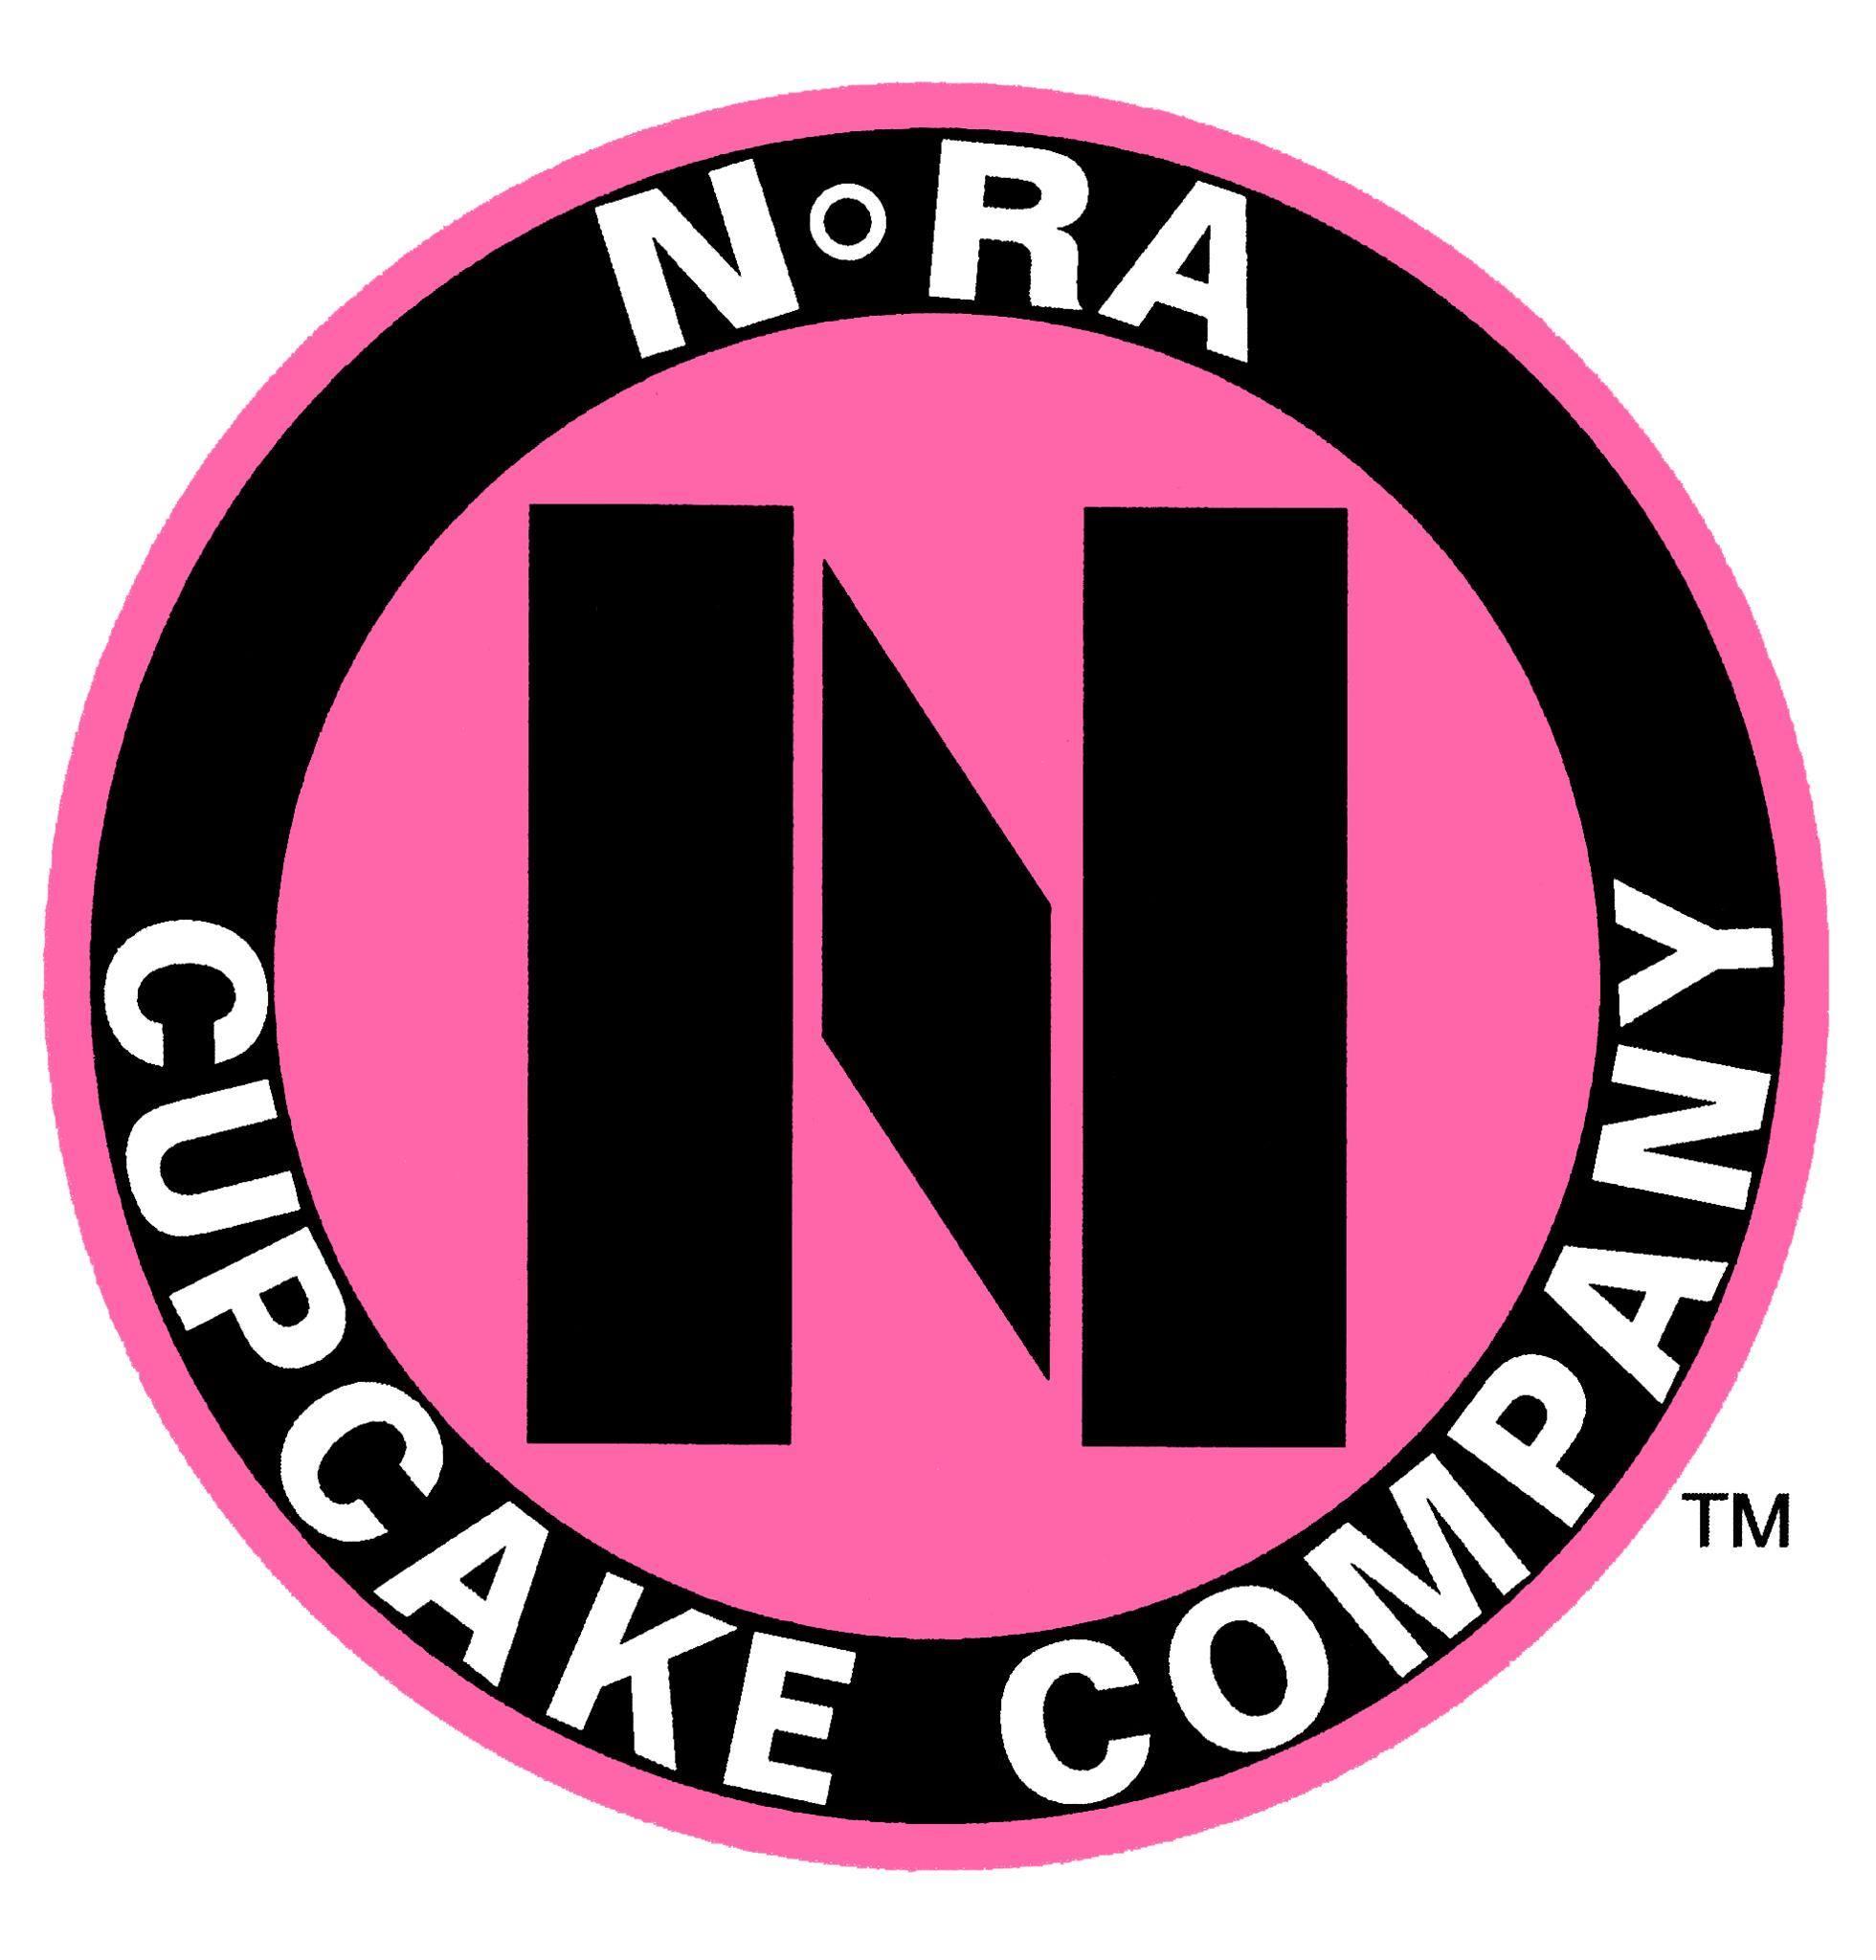 NORA Cupcake, Middletown - www.noracupcake.com(860) 788-3150